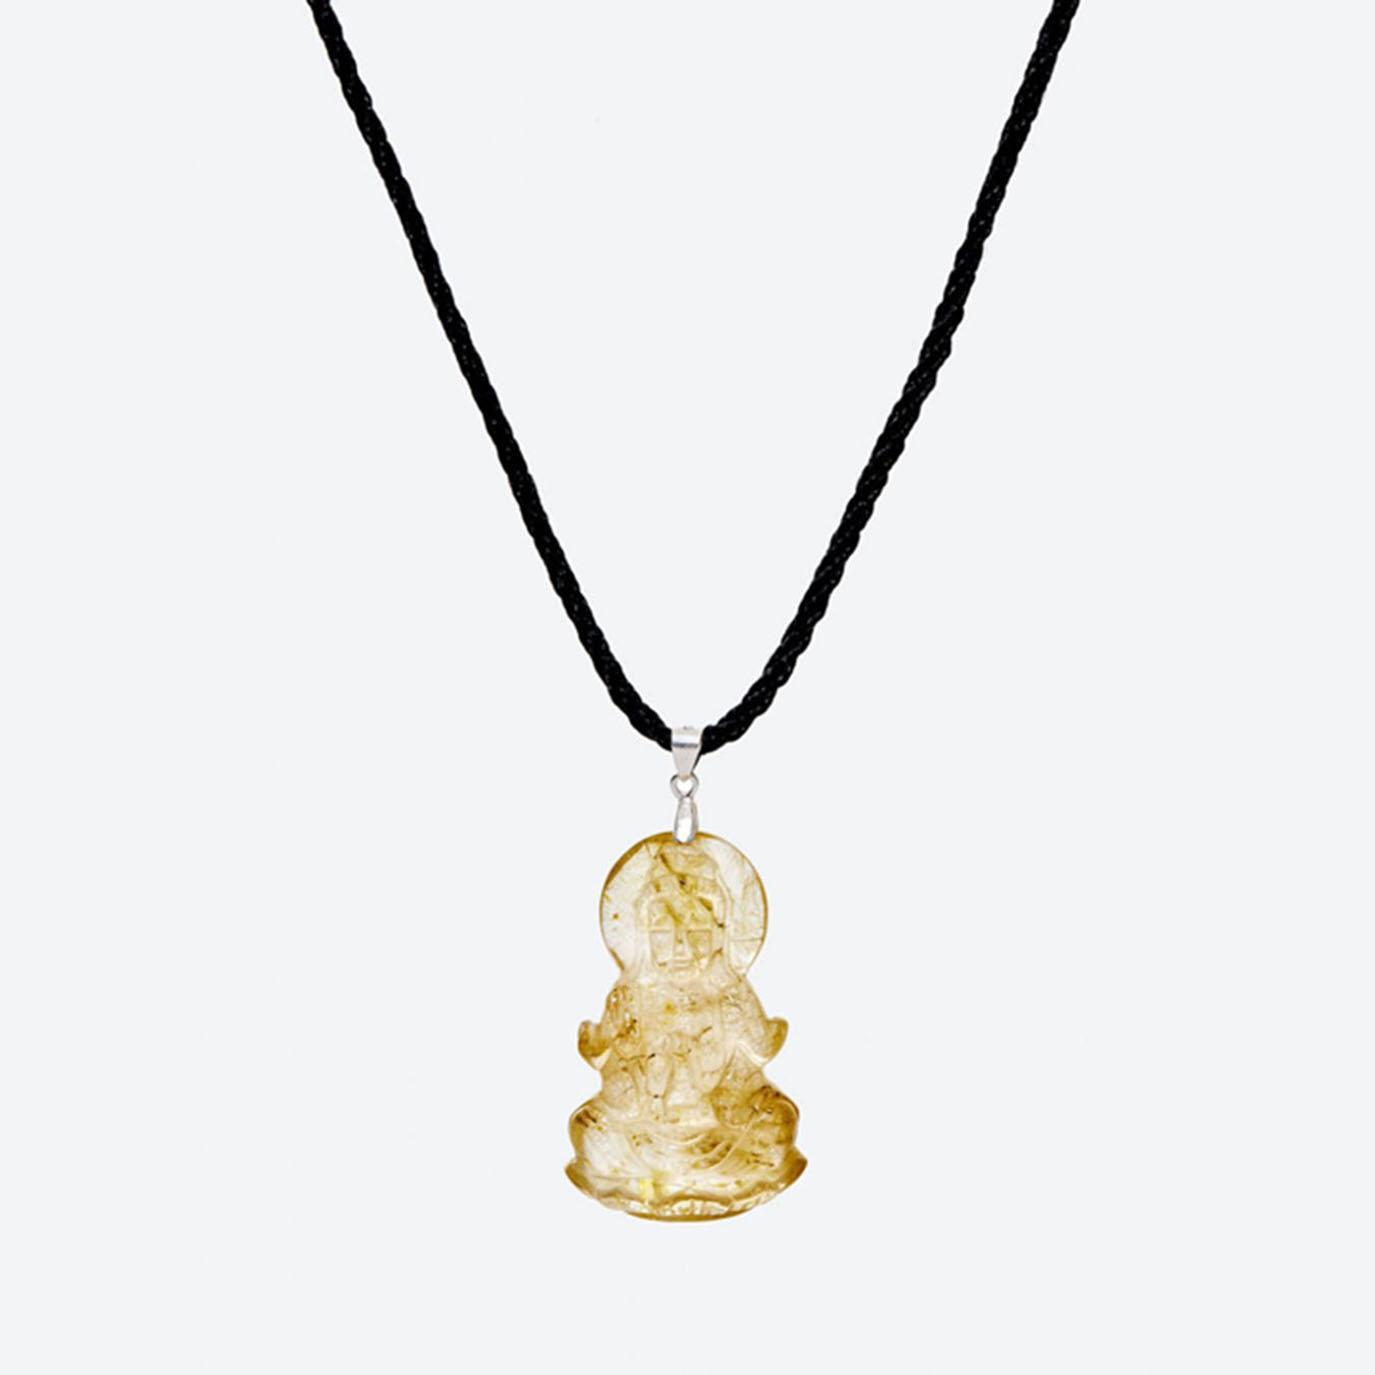 Mặt dây chuyền đá thạch anh tóc vàng phật bà quan âm mệnh thủy,kim (màu vàng) - Ngọc Quý Gemstones